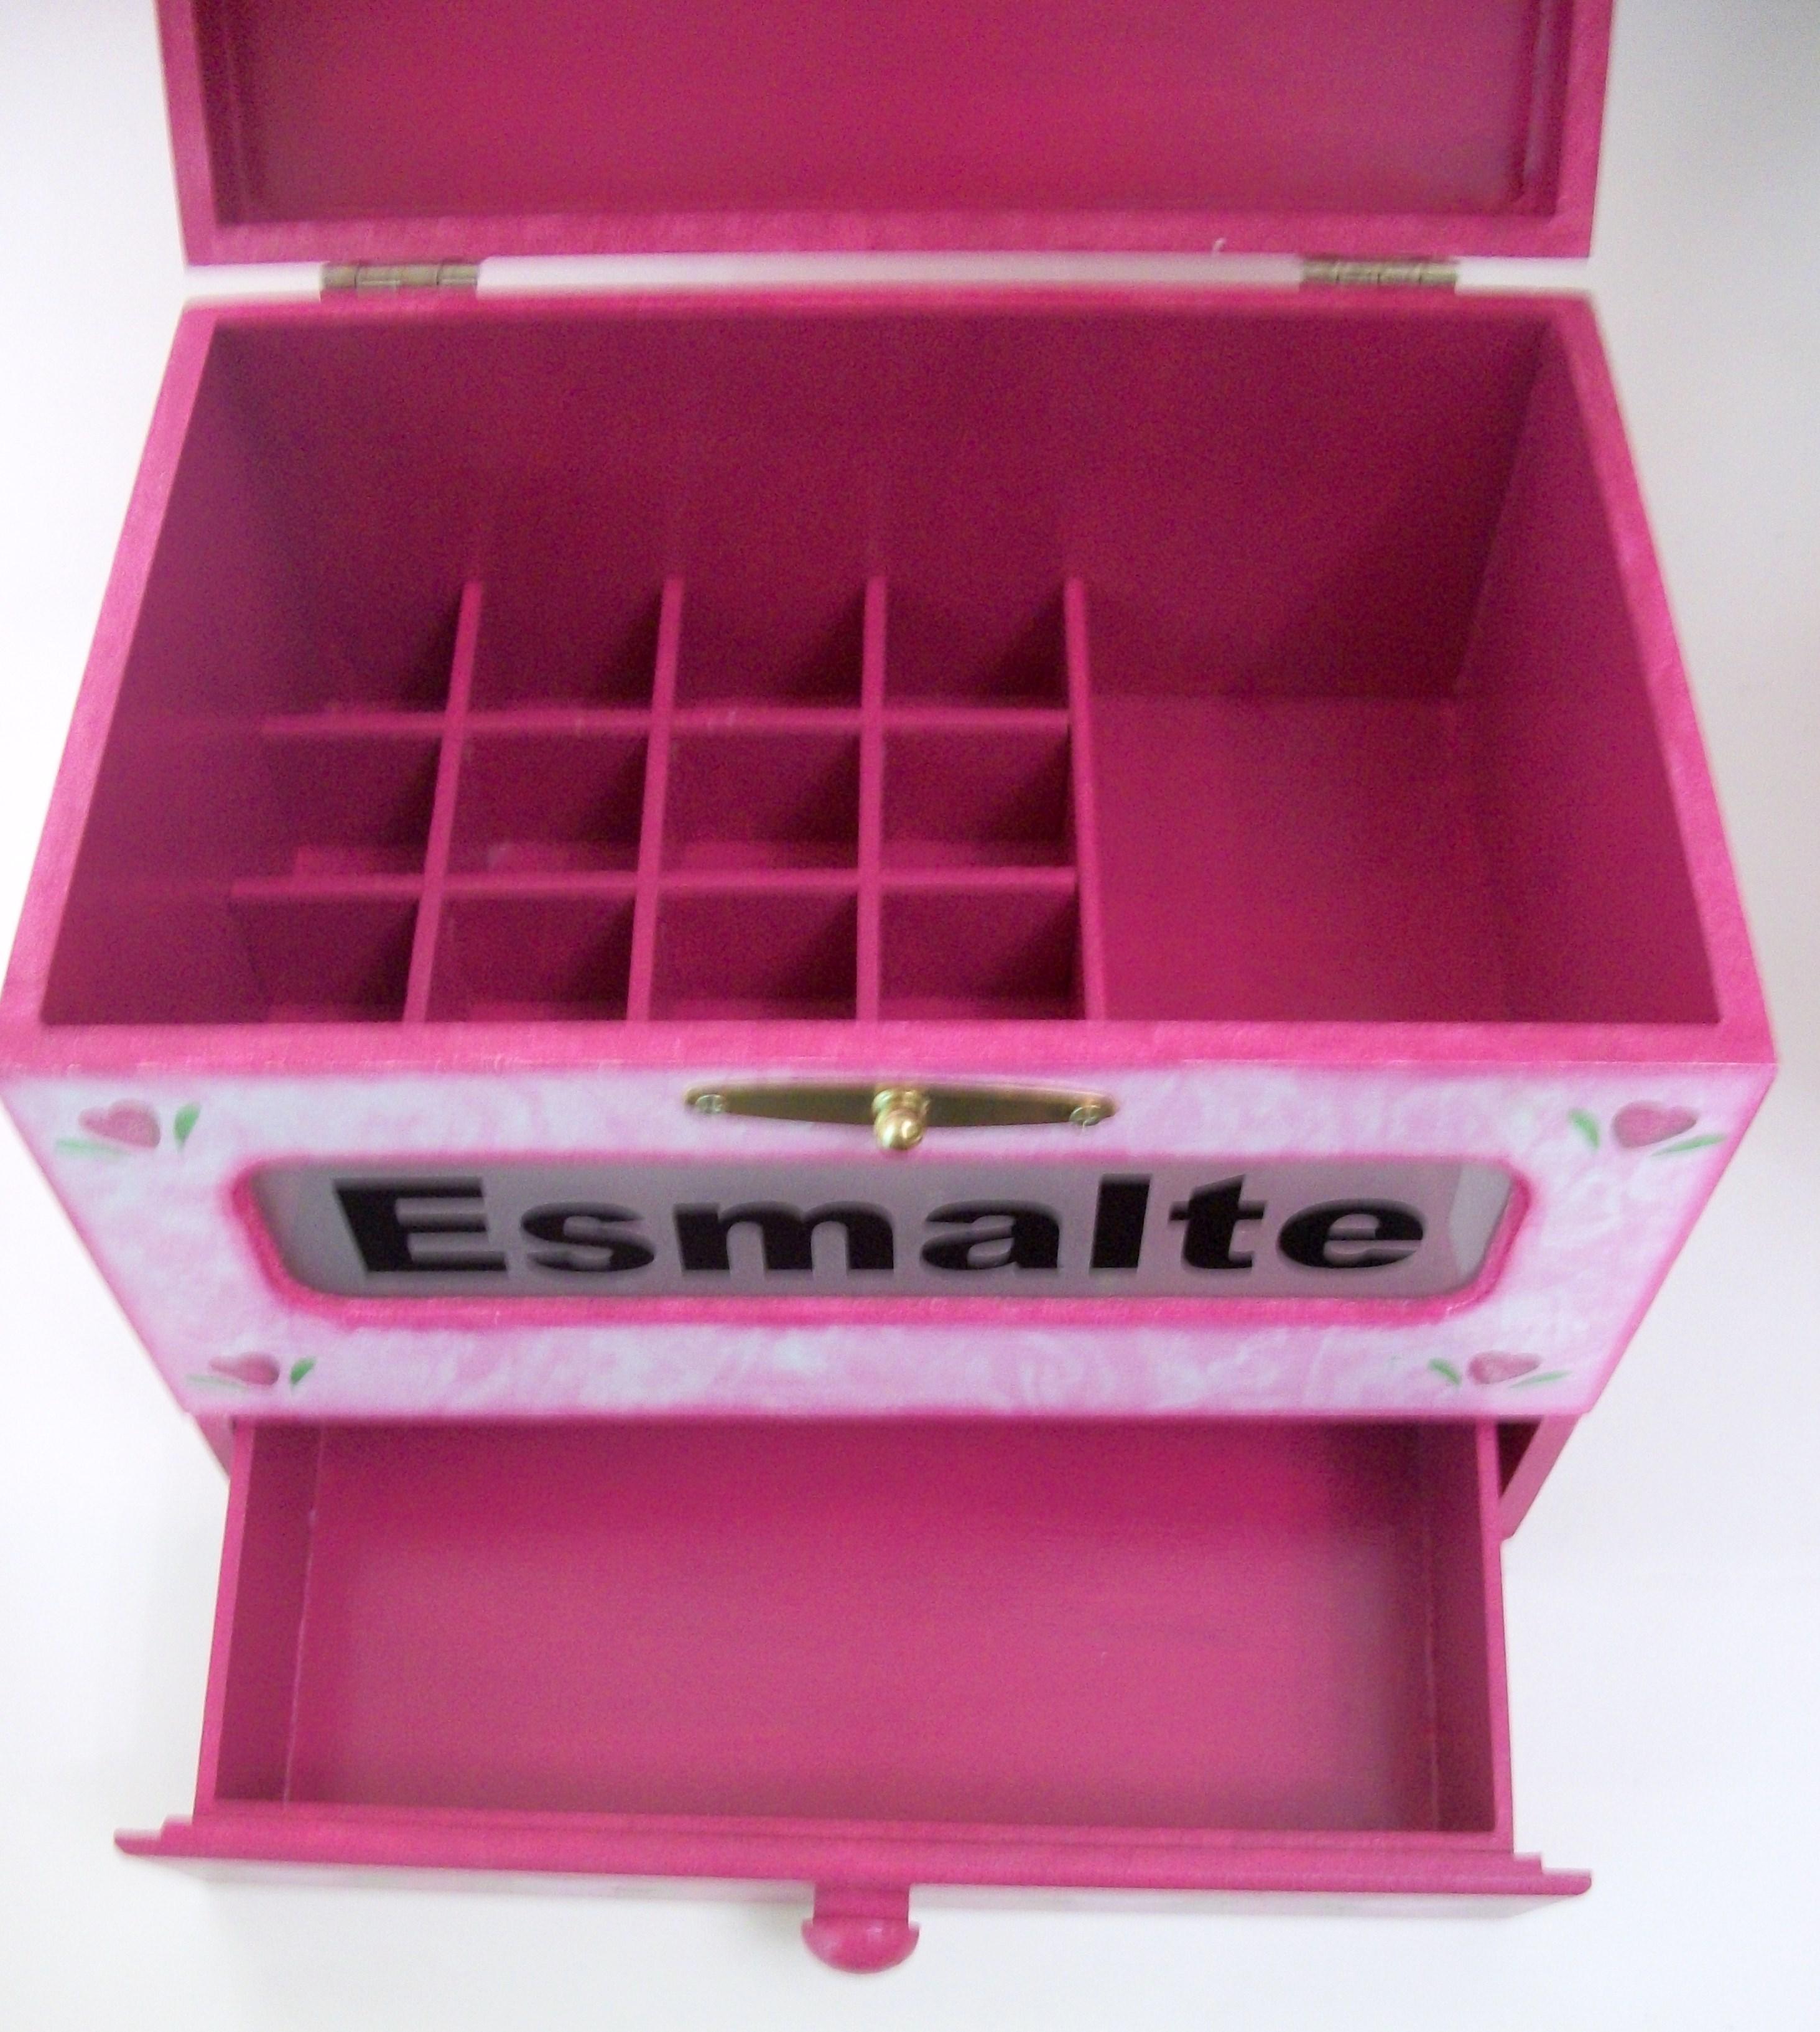 de esmalte caixa para esmalte maleta de esmalte caixa de esmalte #801940 2926x3266